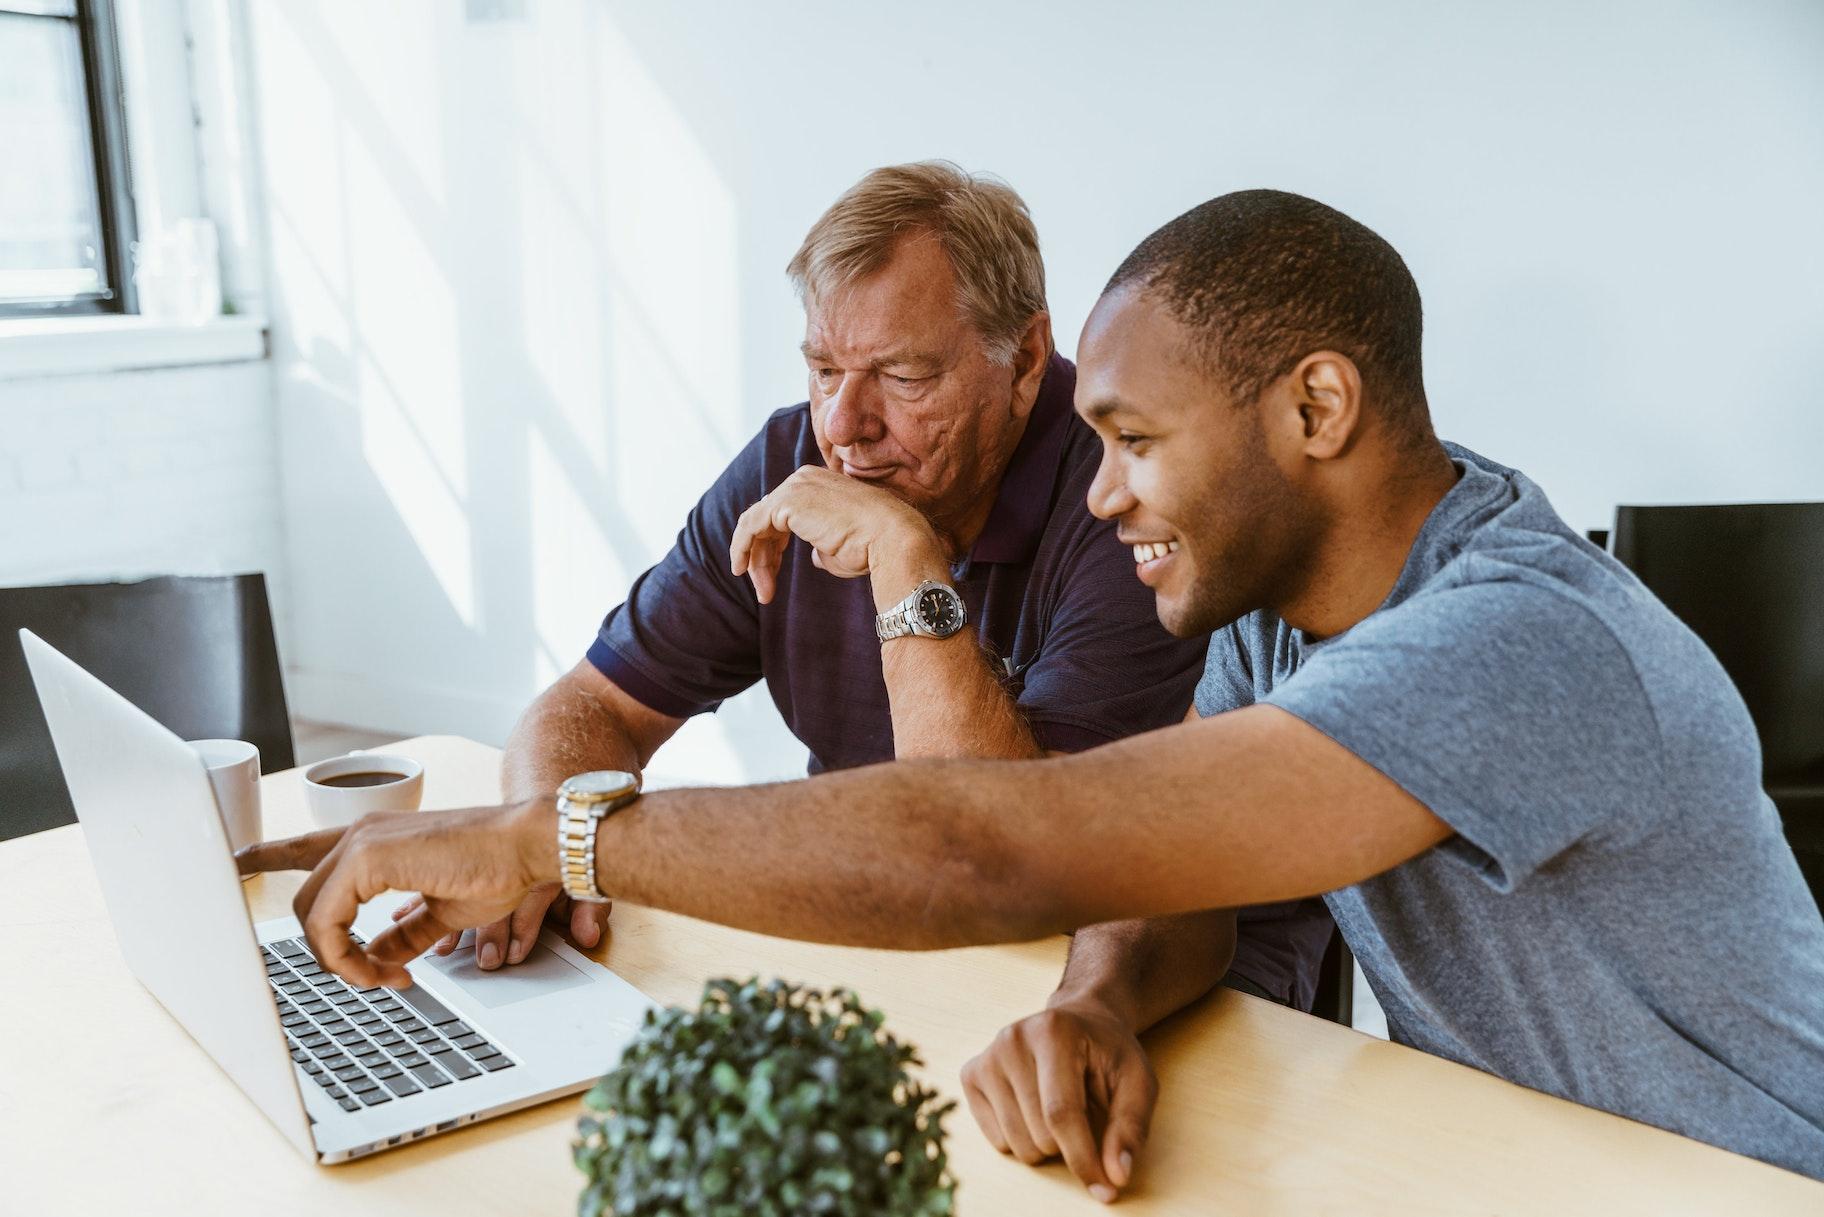 idee per guadagnare da casa: coaching